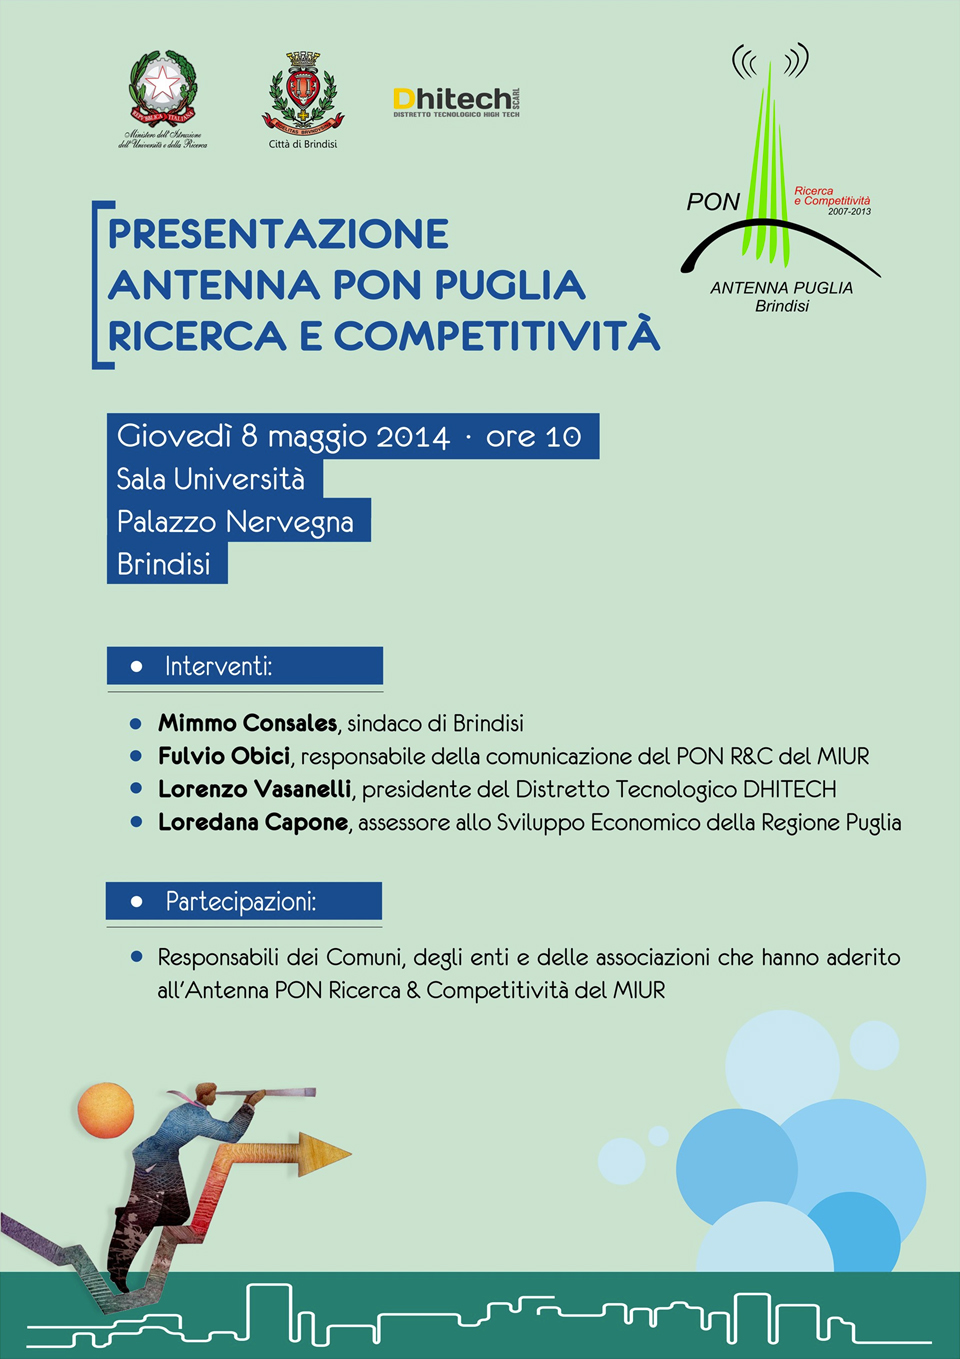 Presentazione Antenna PON Puglia